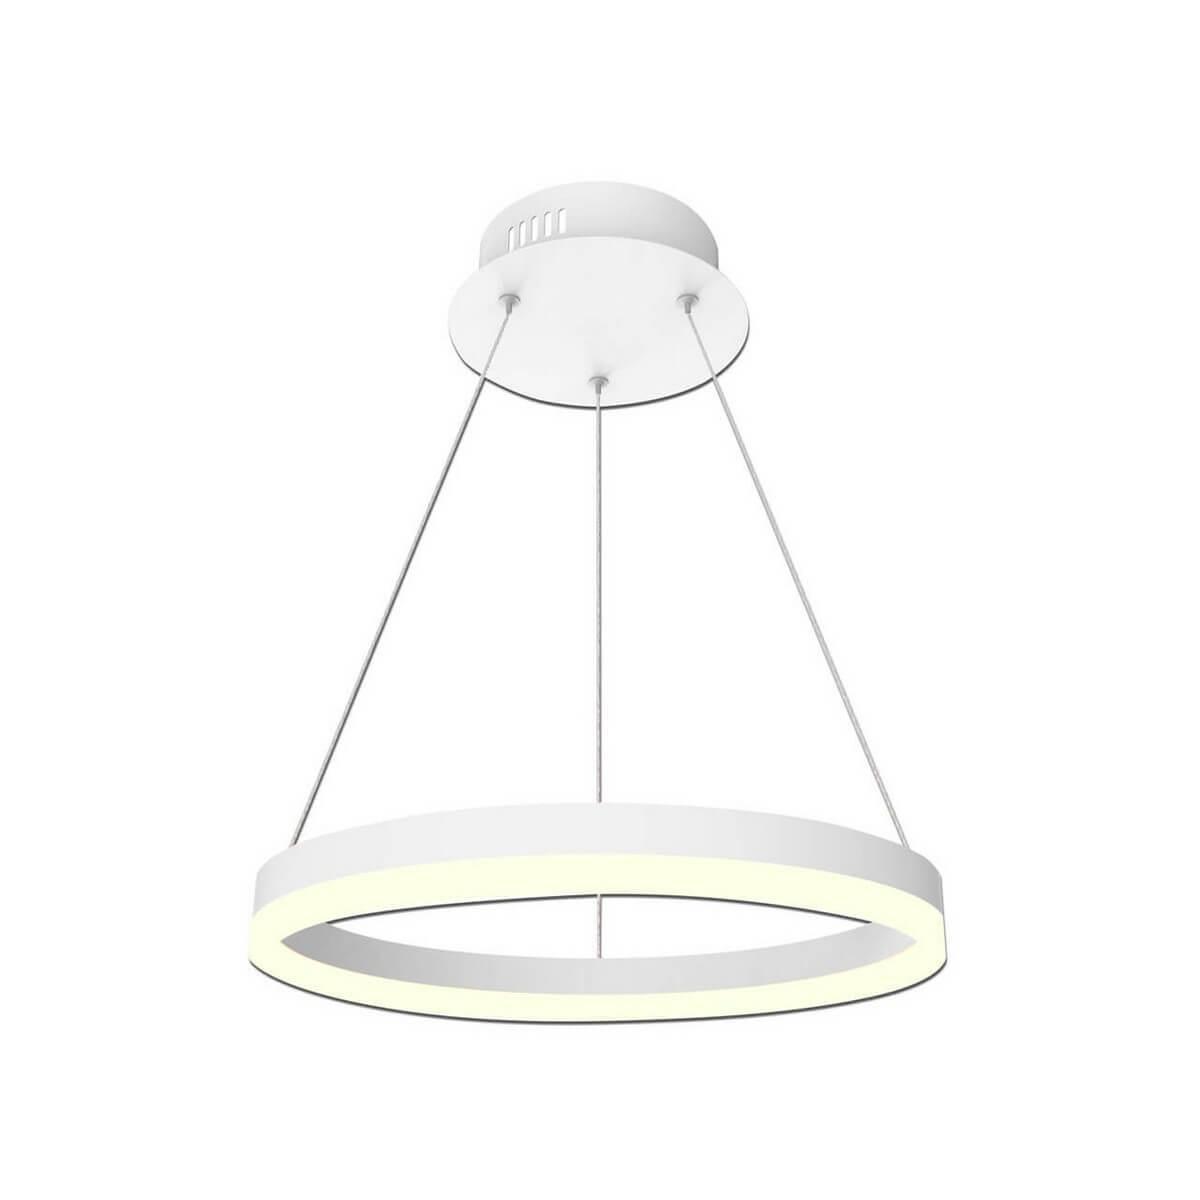 Подвесной светильник Kink Light 08212,01E, LED, 20 Вт kink light подвесной светодиодный светильник kink light парете 08725 2